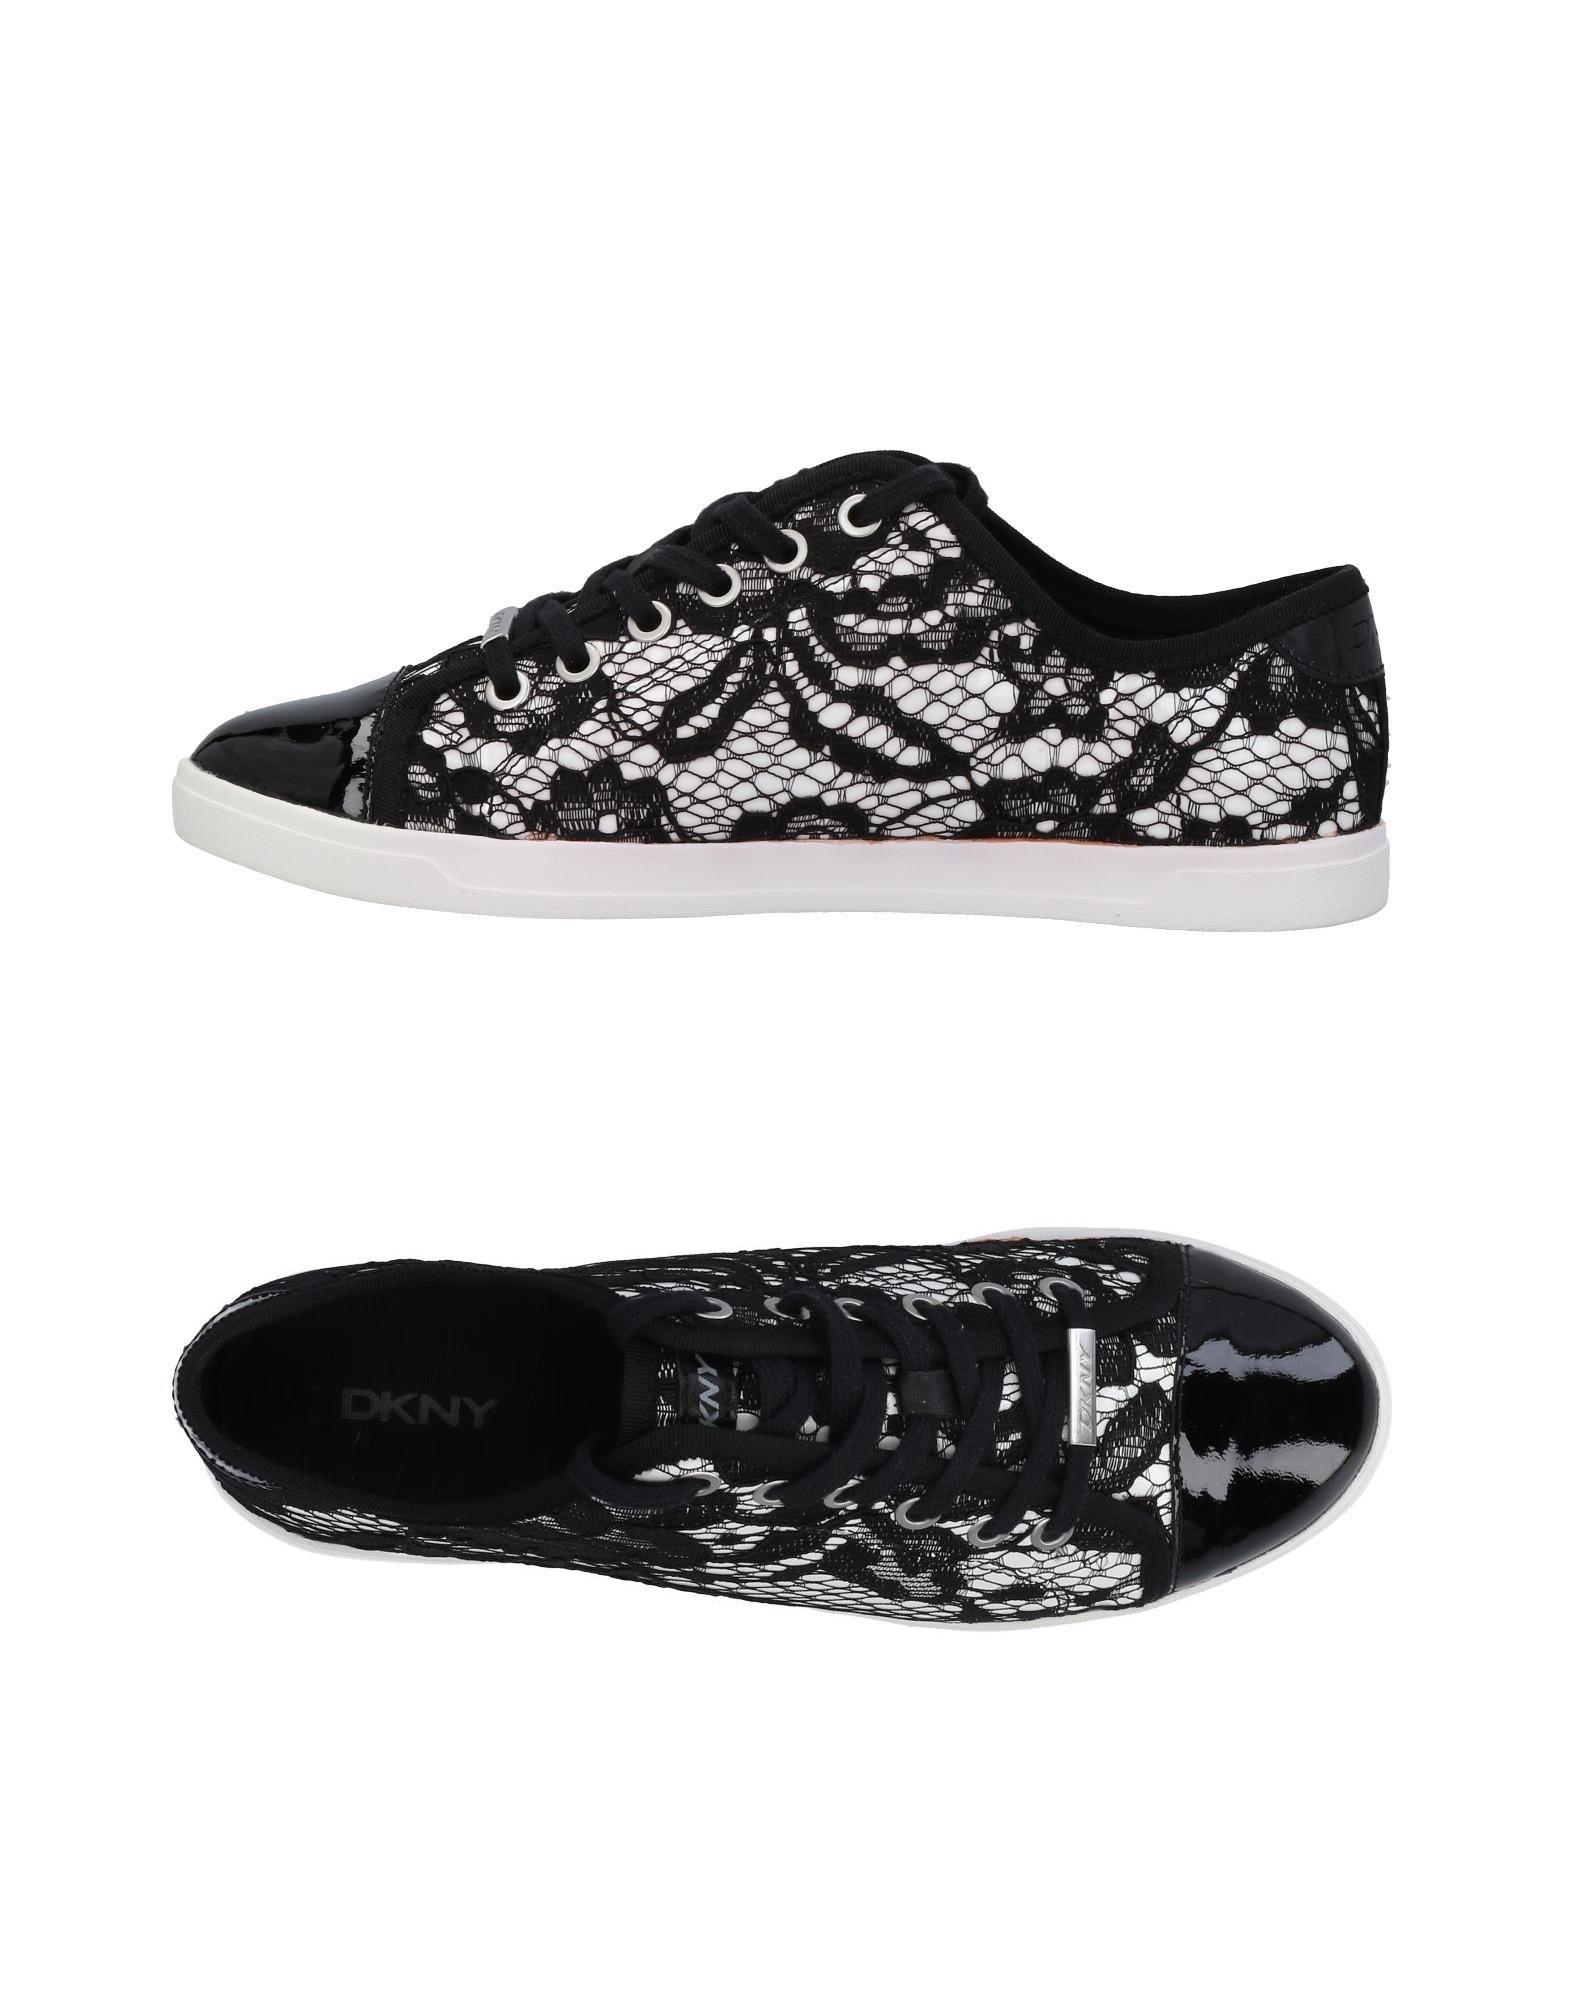 Scarpe economiche e resistenti Sneakers Dkny Donna - 11463059GI